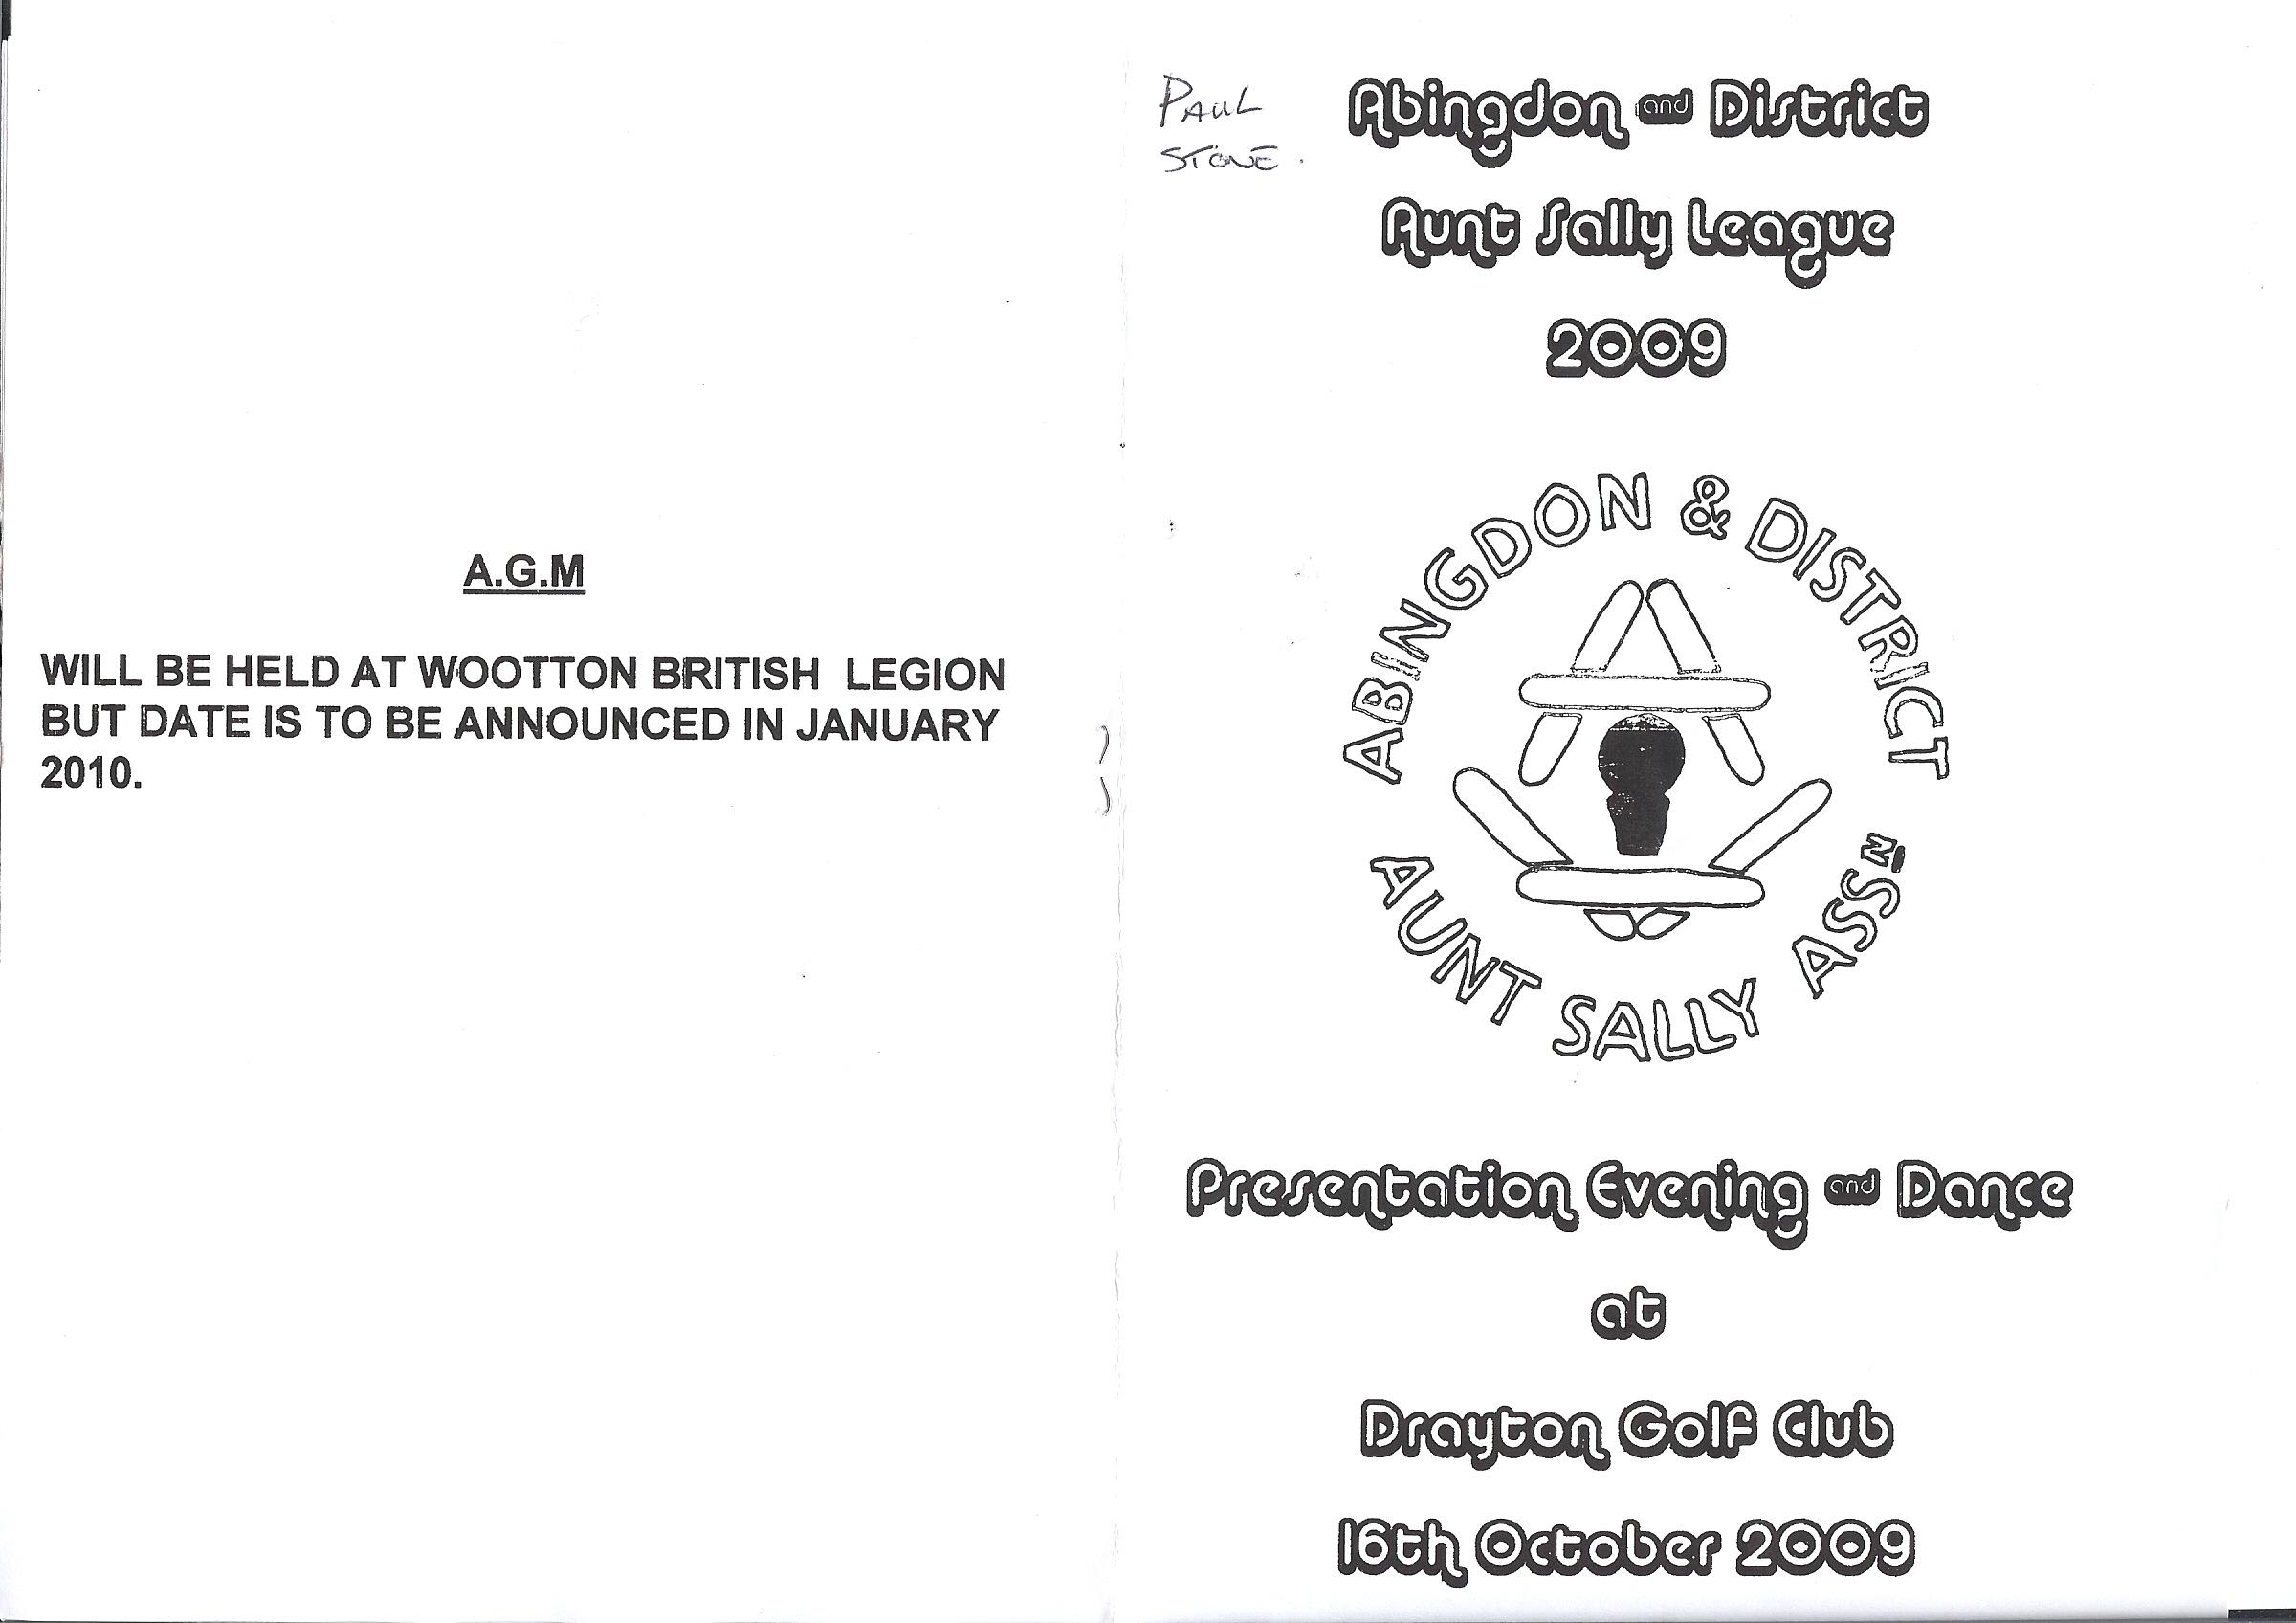 2009_Programme_1